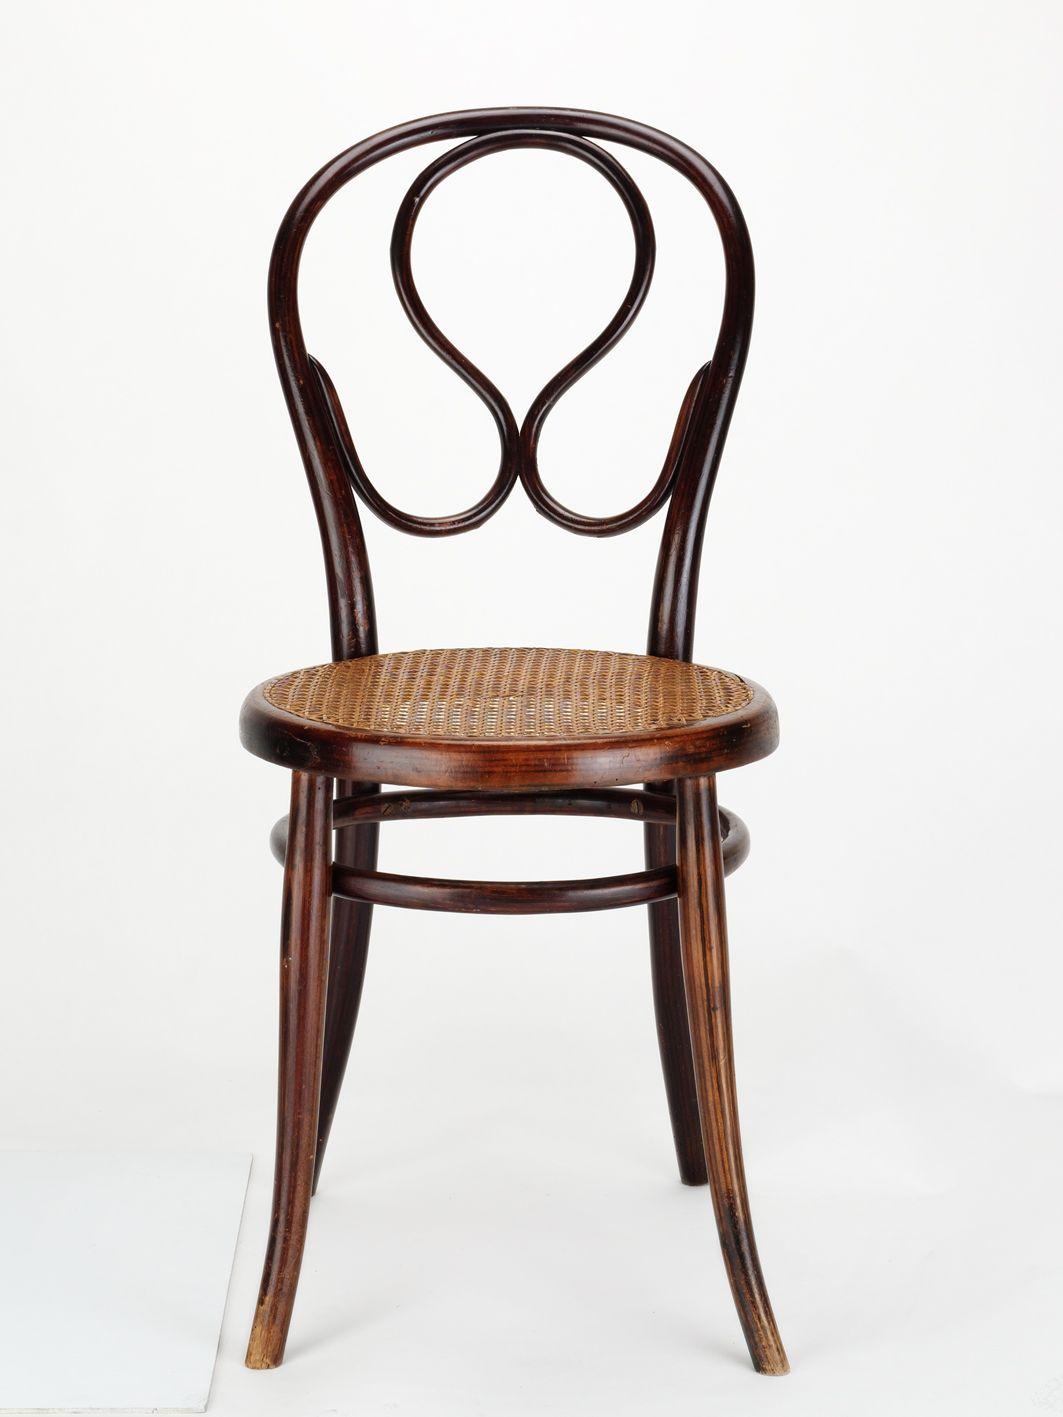 Austria Thonet Nr 20 chair 1875 Gebrüder Thonet